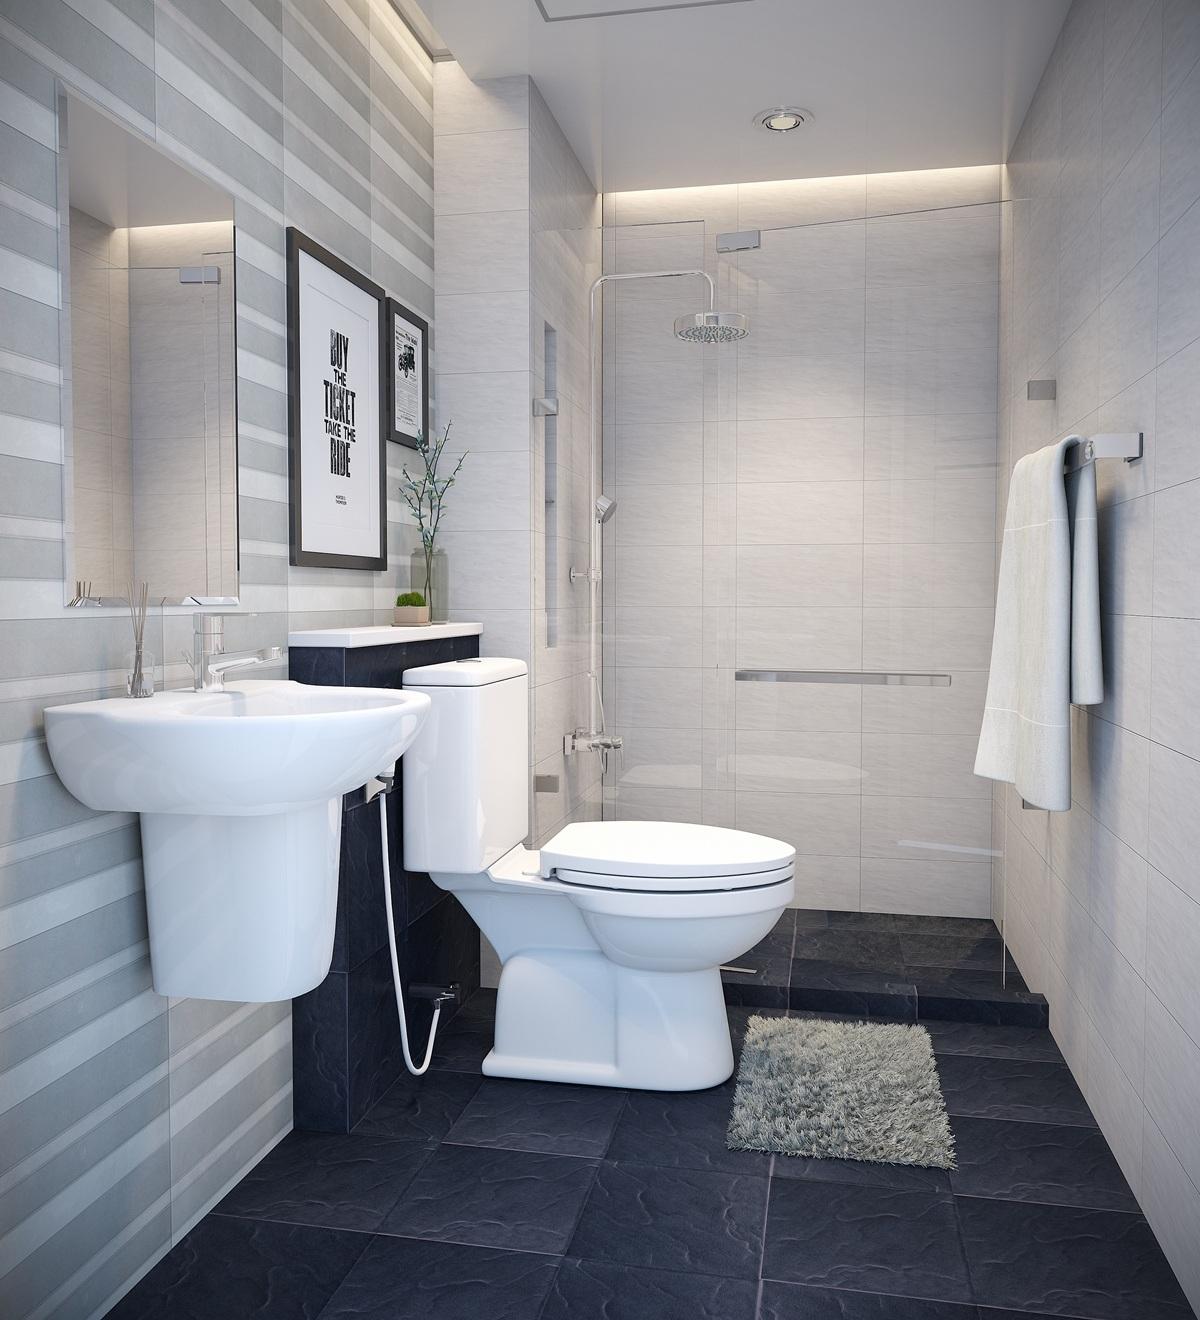 Mẫu phòng tắm tối giản mà vẫn thoải mái, tiện nghi hẳn sẽ làm hài lòng những bạn trẻ độc thân.